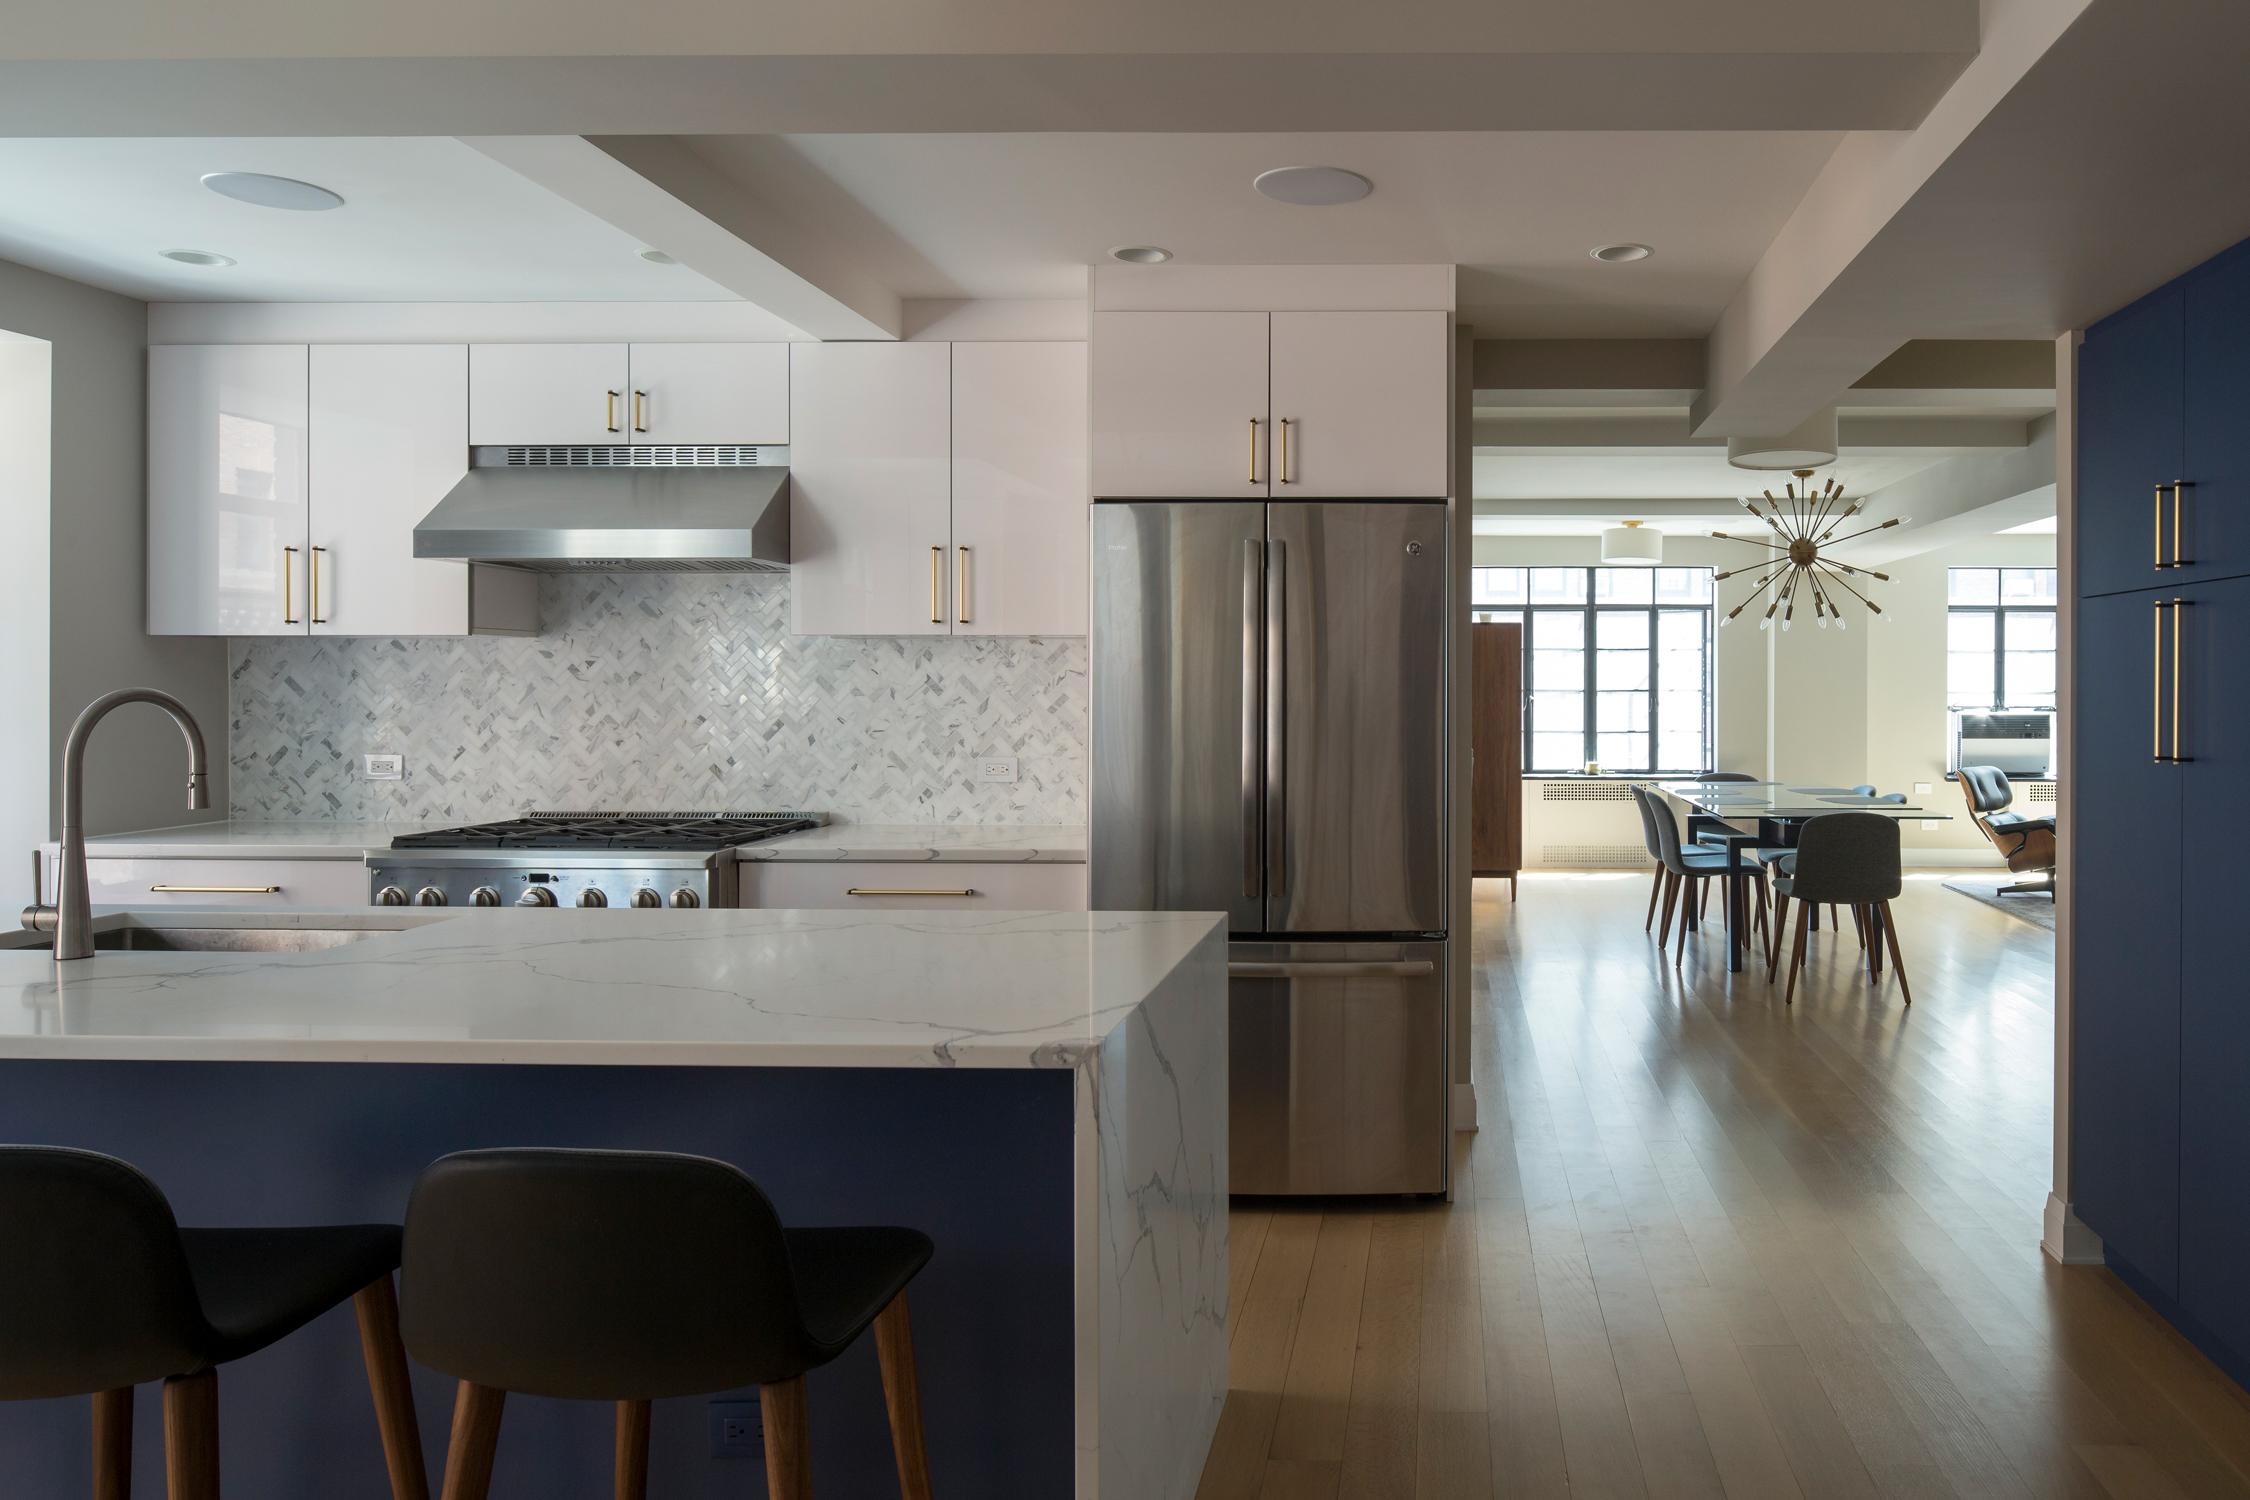 kitchen2_c.jpg